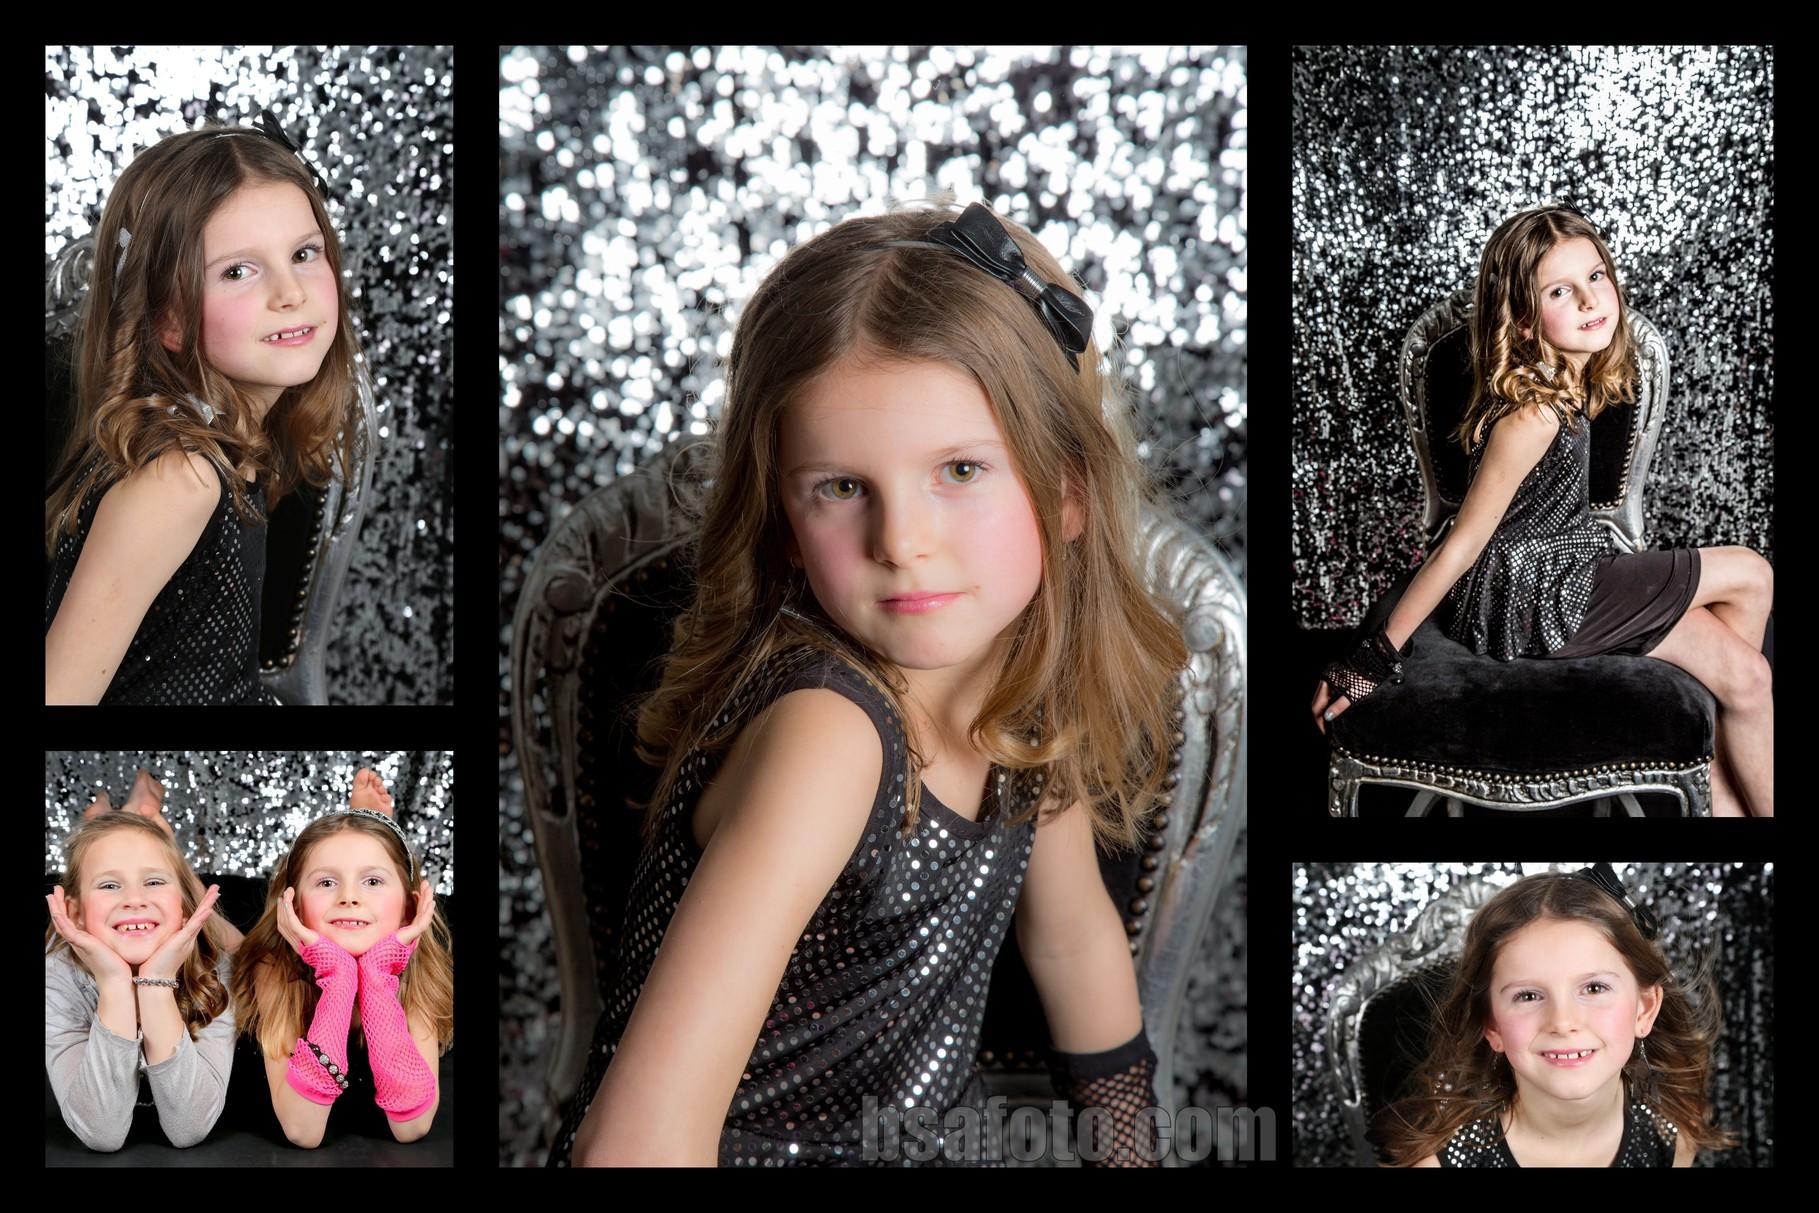 Megastoer  of als een echt fotomodel op de foto?  Ga samen met je vriendjes & vriendinnetjes professioneel op de foto bij bsafoto . fotoshoot . oosterhout . kinderpartijtje fotoshoot . fotomodelkinderfeestje, fotomodel, voor 1 dag , kinderfeestje